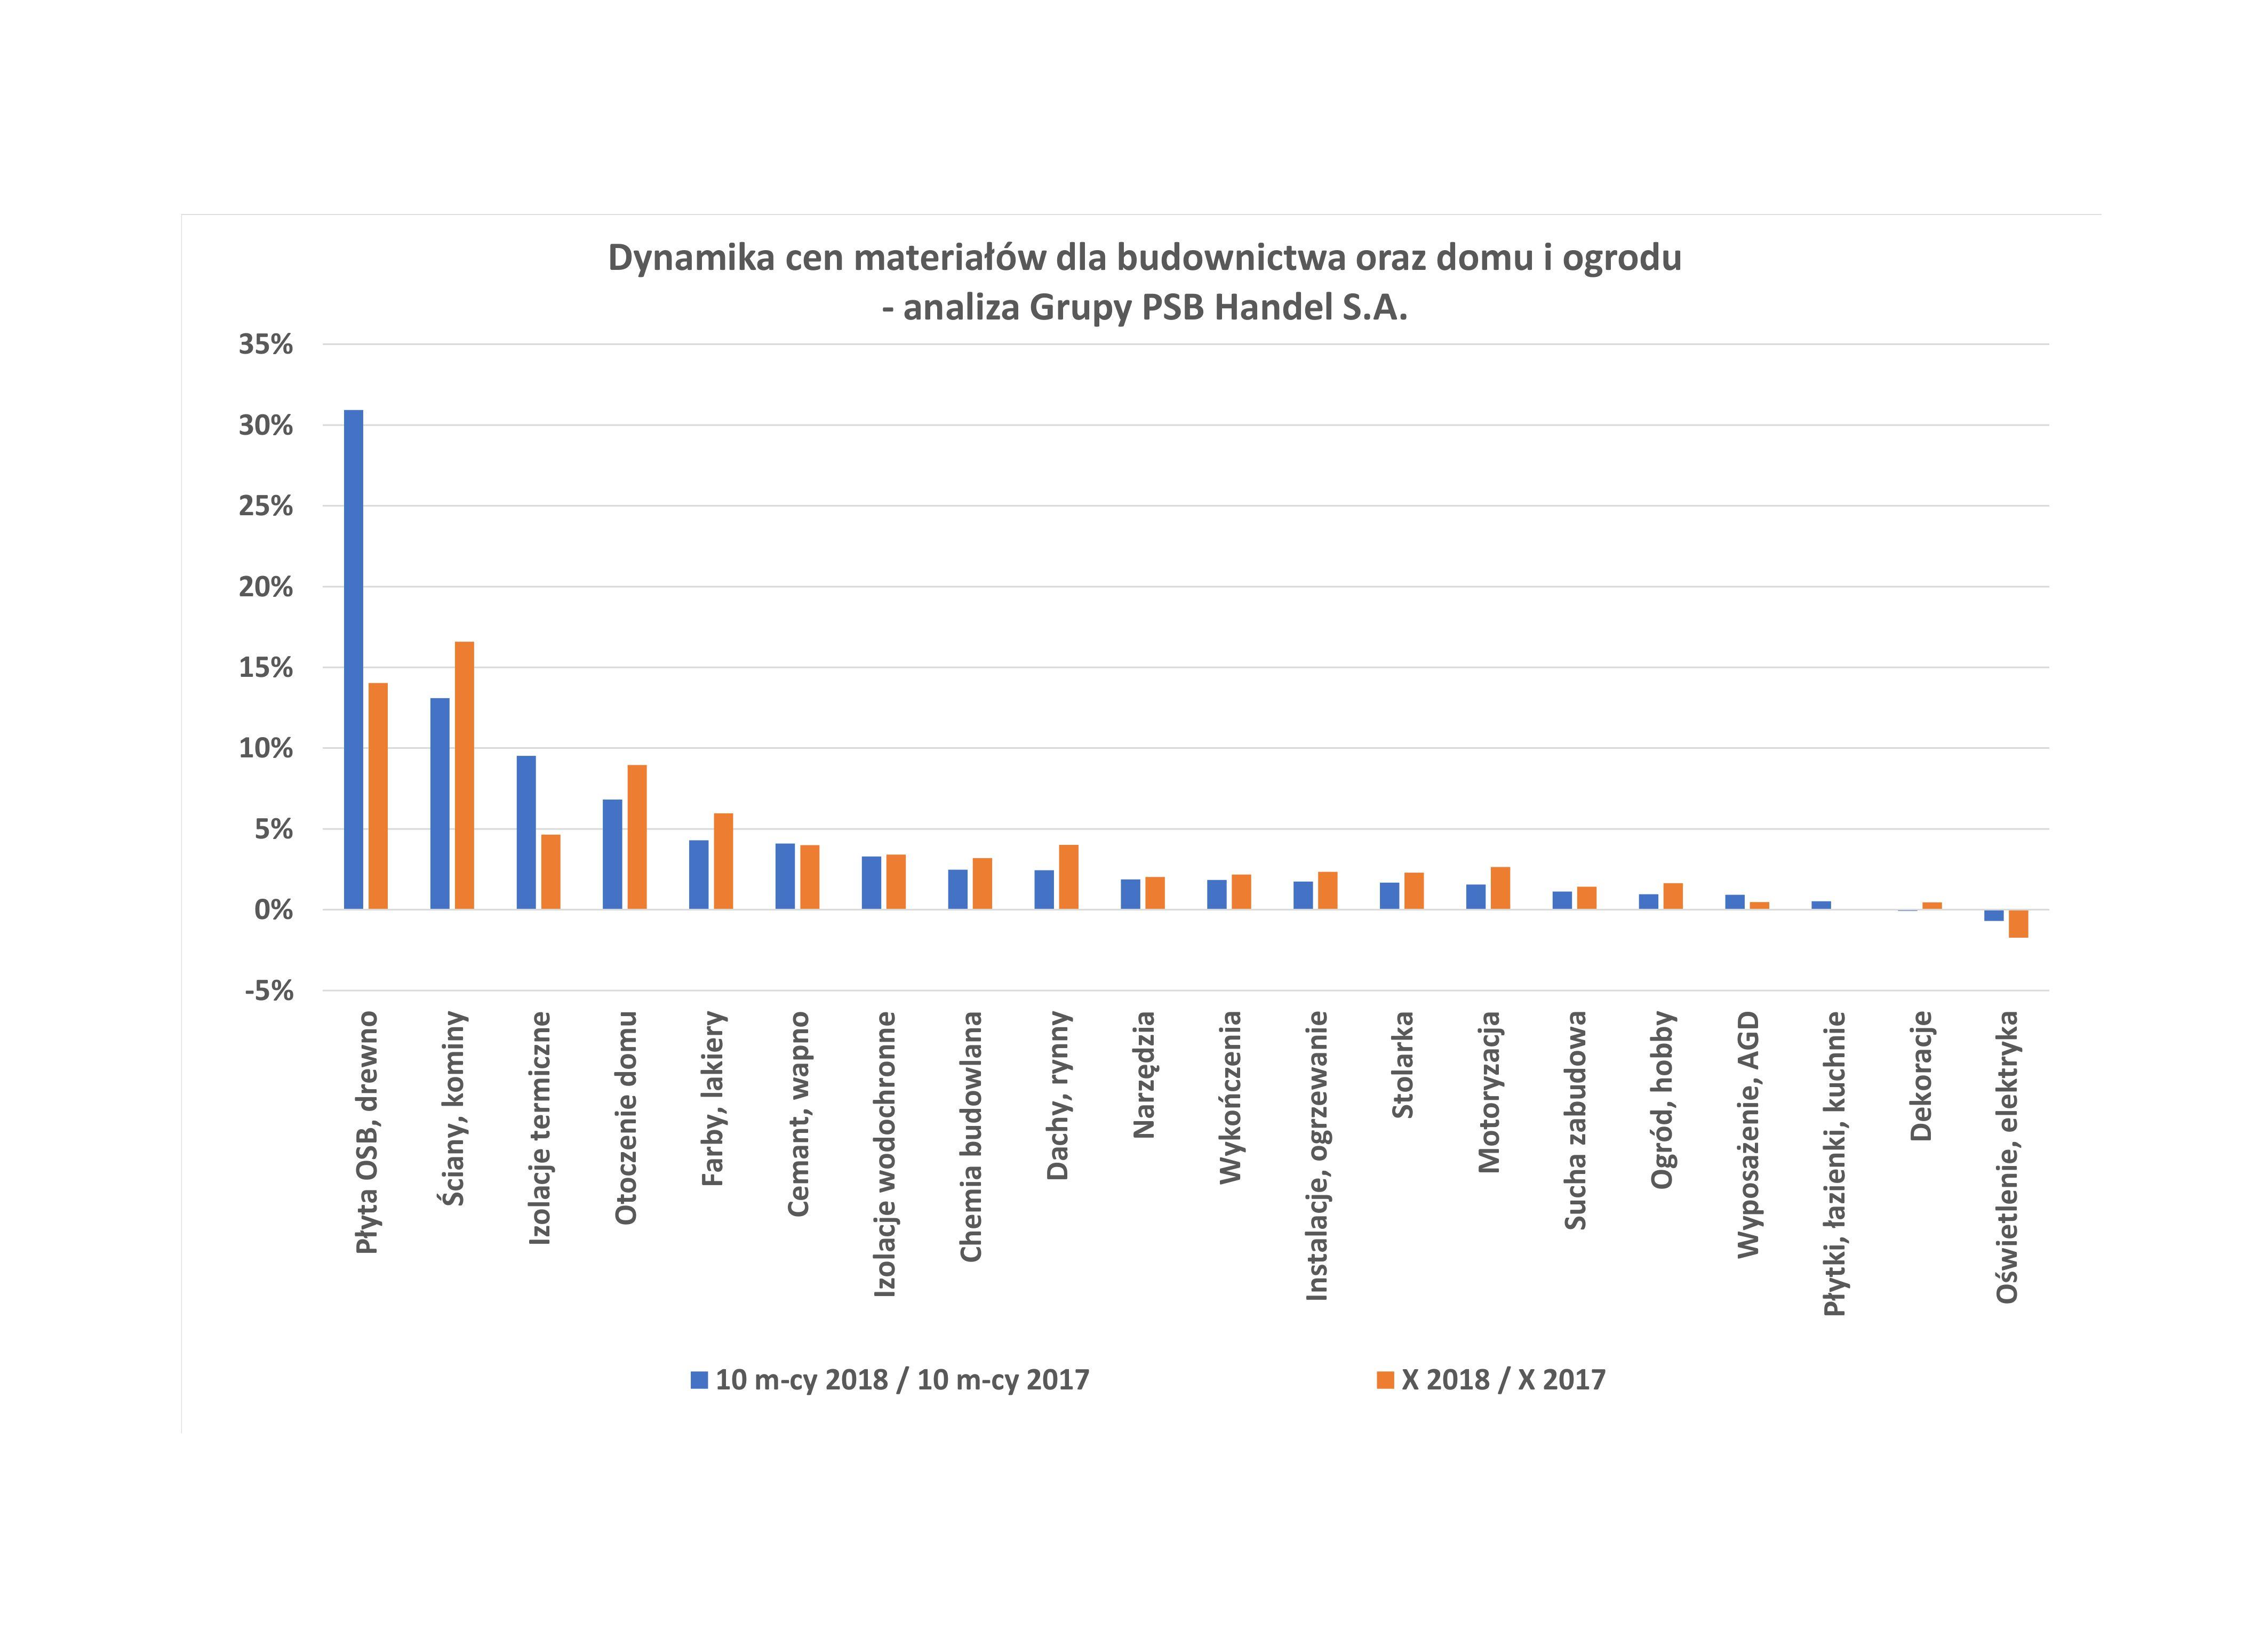 Dynamika cen materiałów w październiku 2018 r. Źródło: Grupa PSB